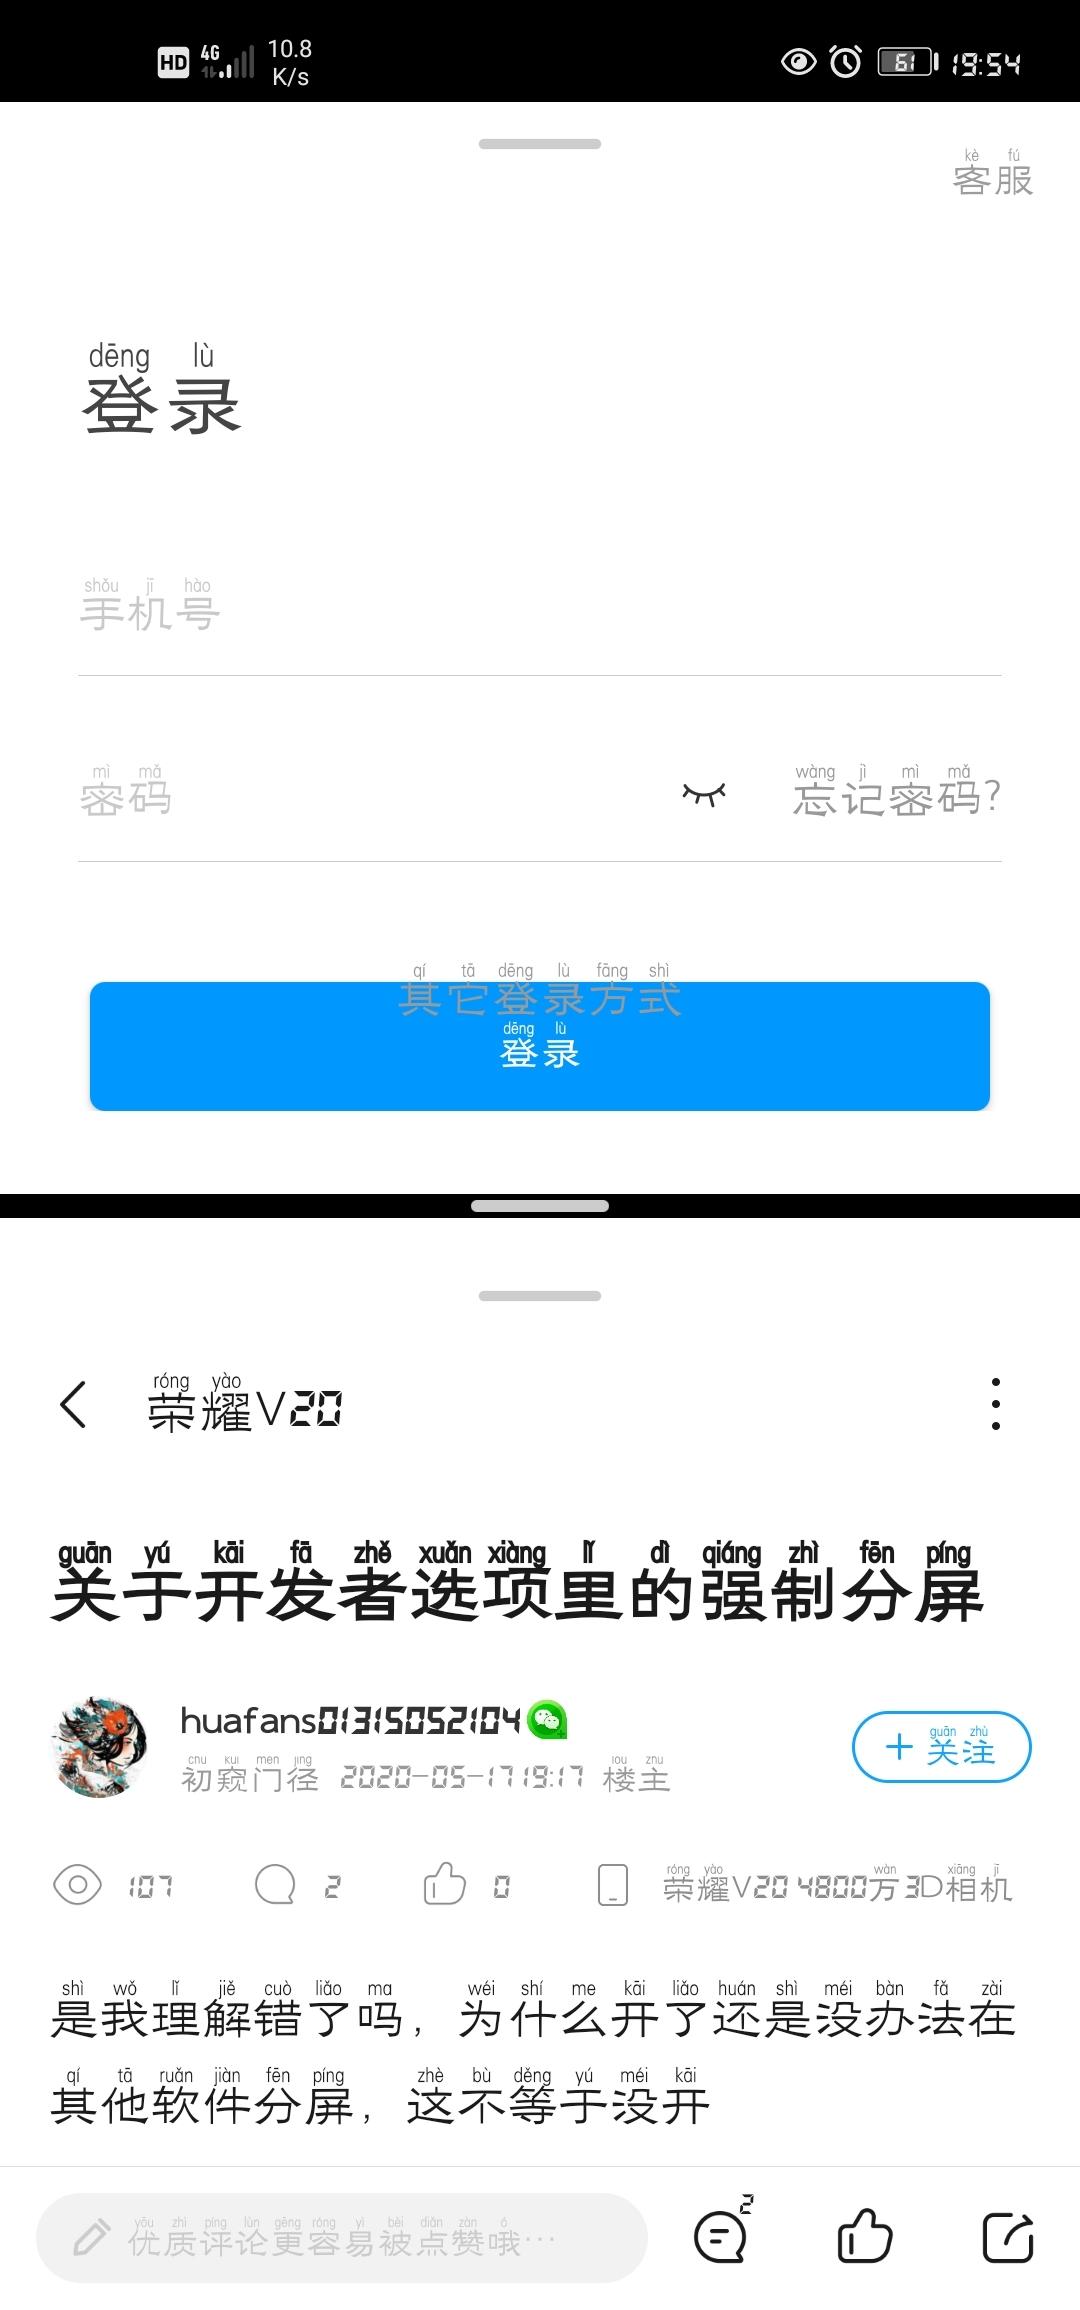 Screenshot_20200517_195405_com.huawei.fans.jpg